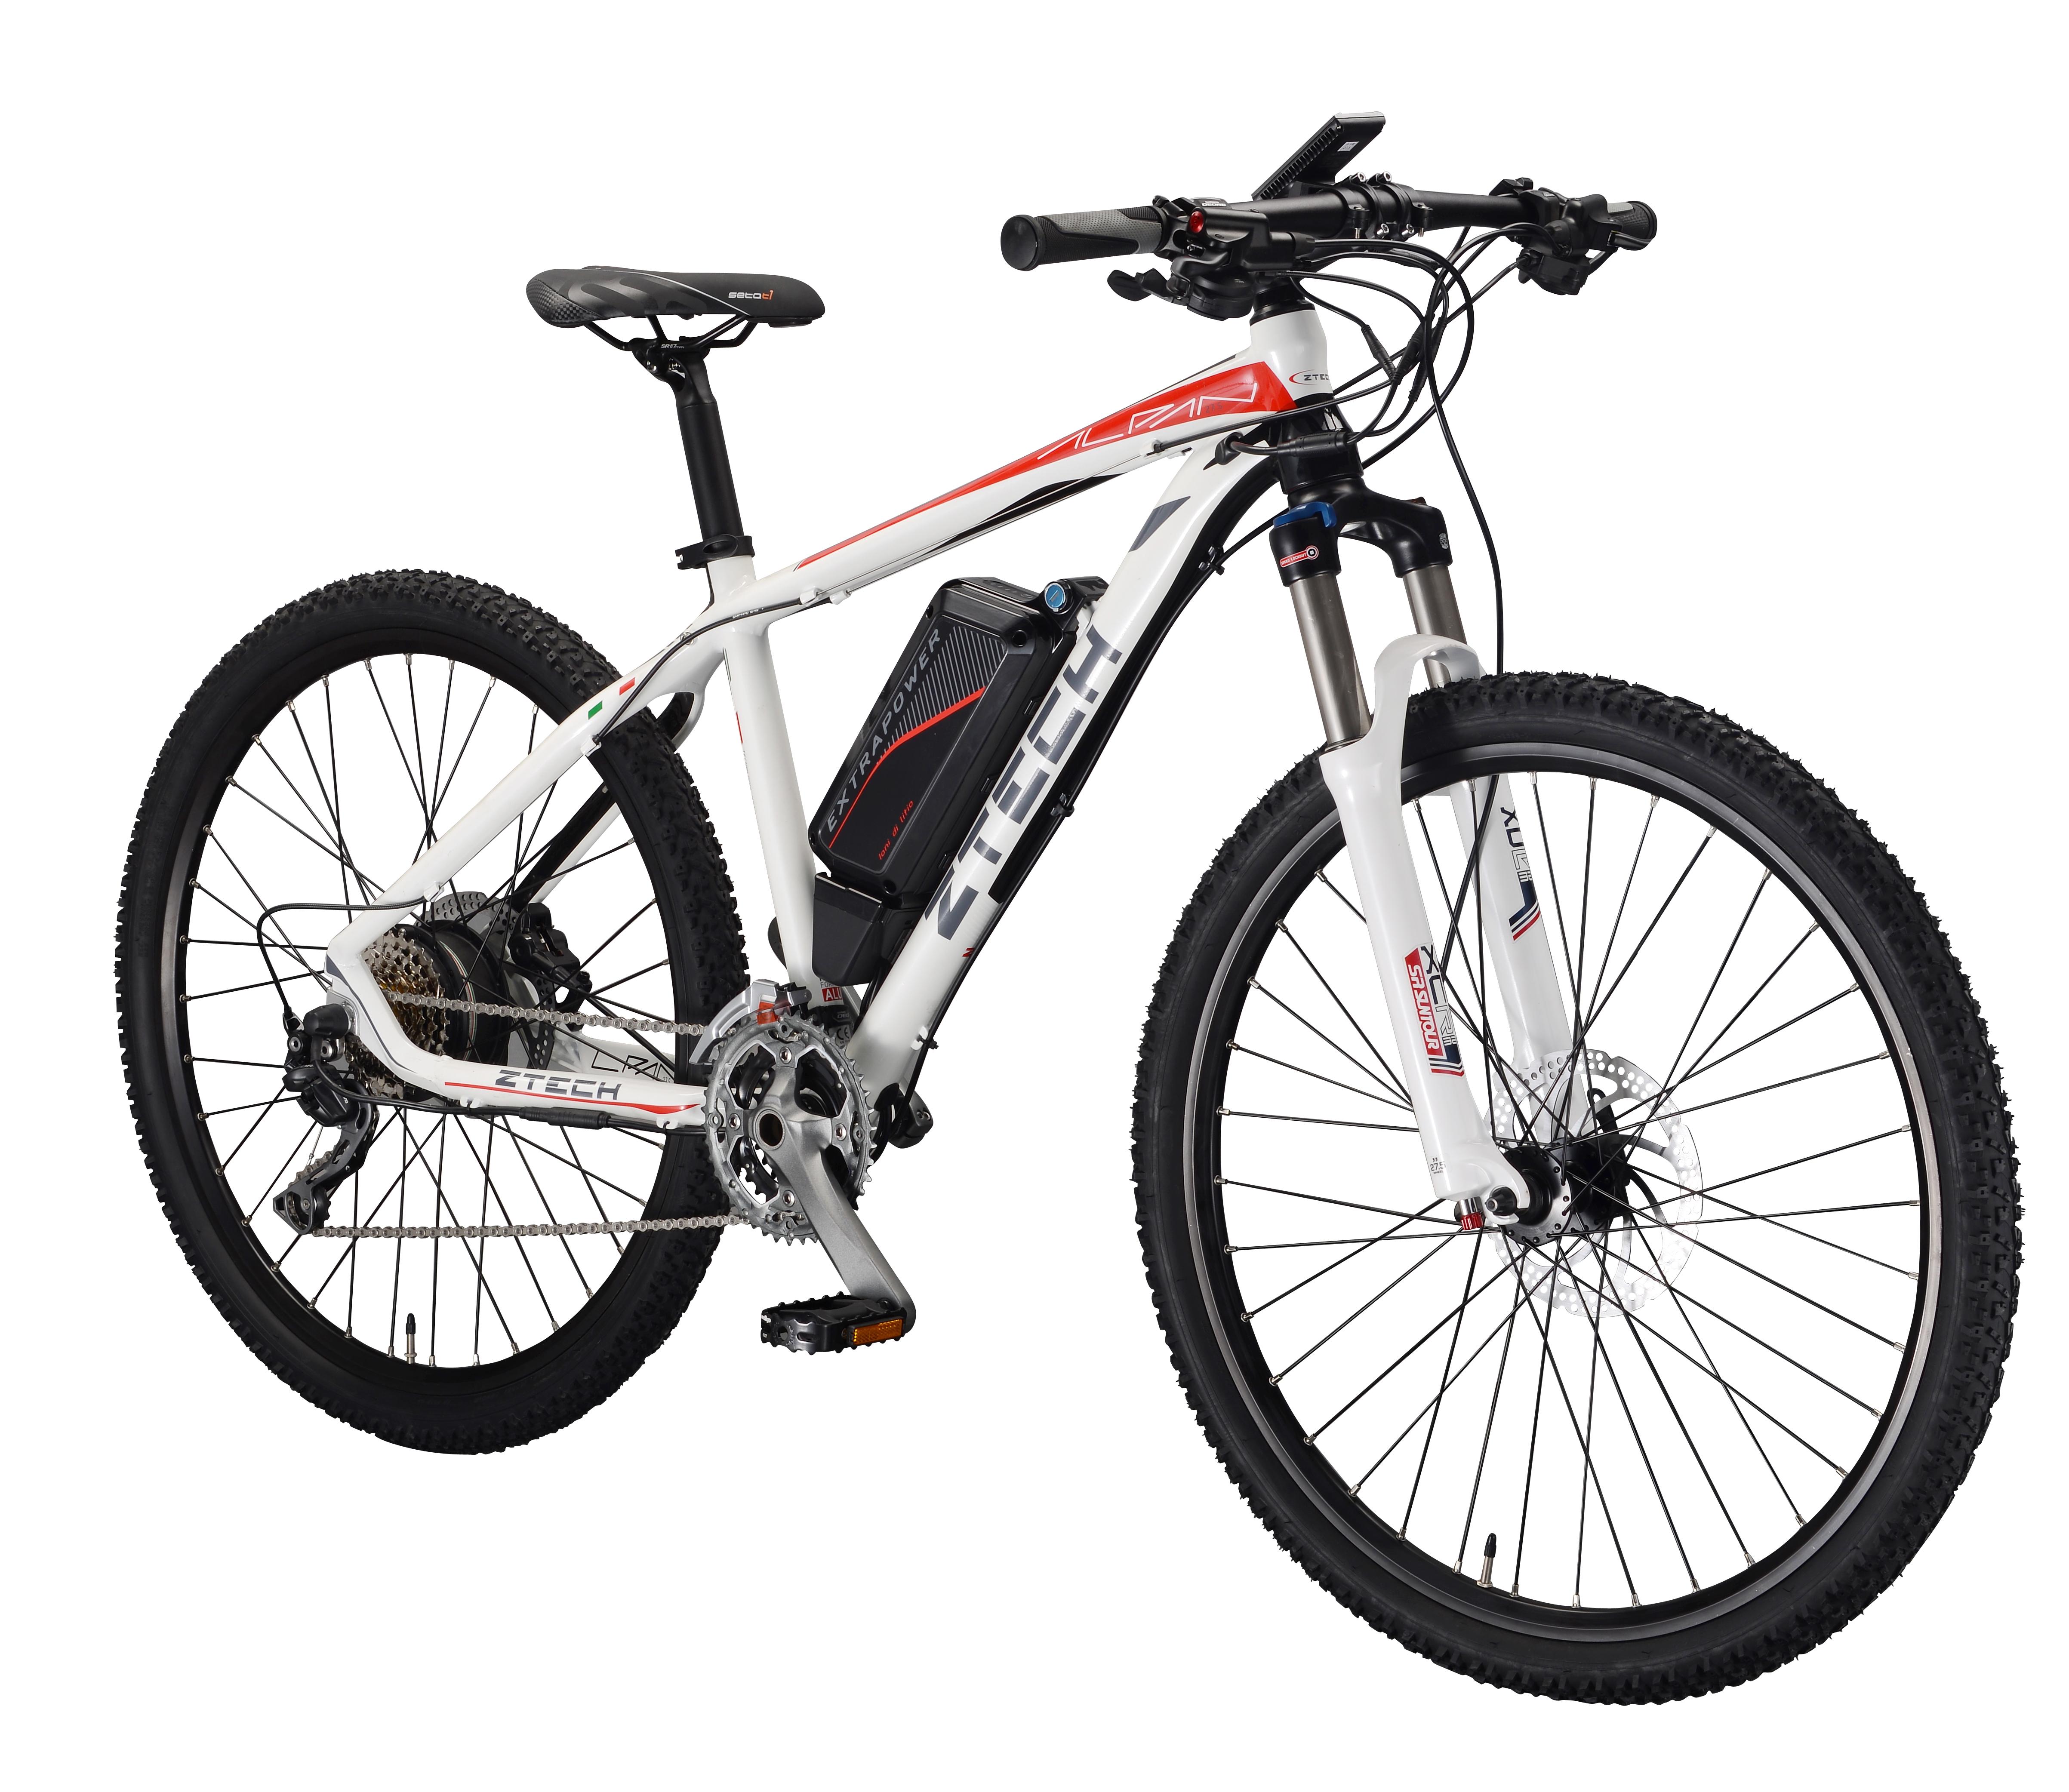 Bicicleta electrica MTB Ztech ZT-82 Alpan